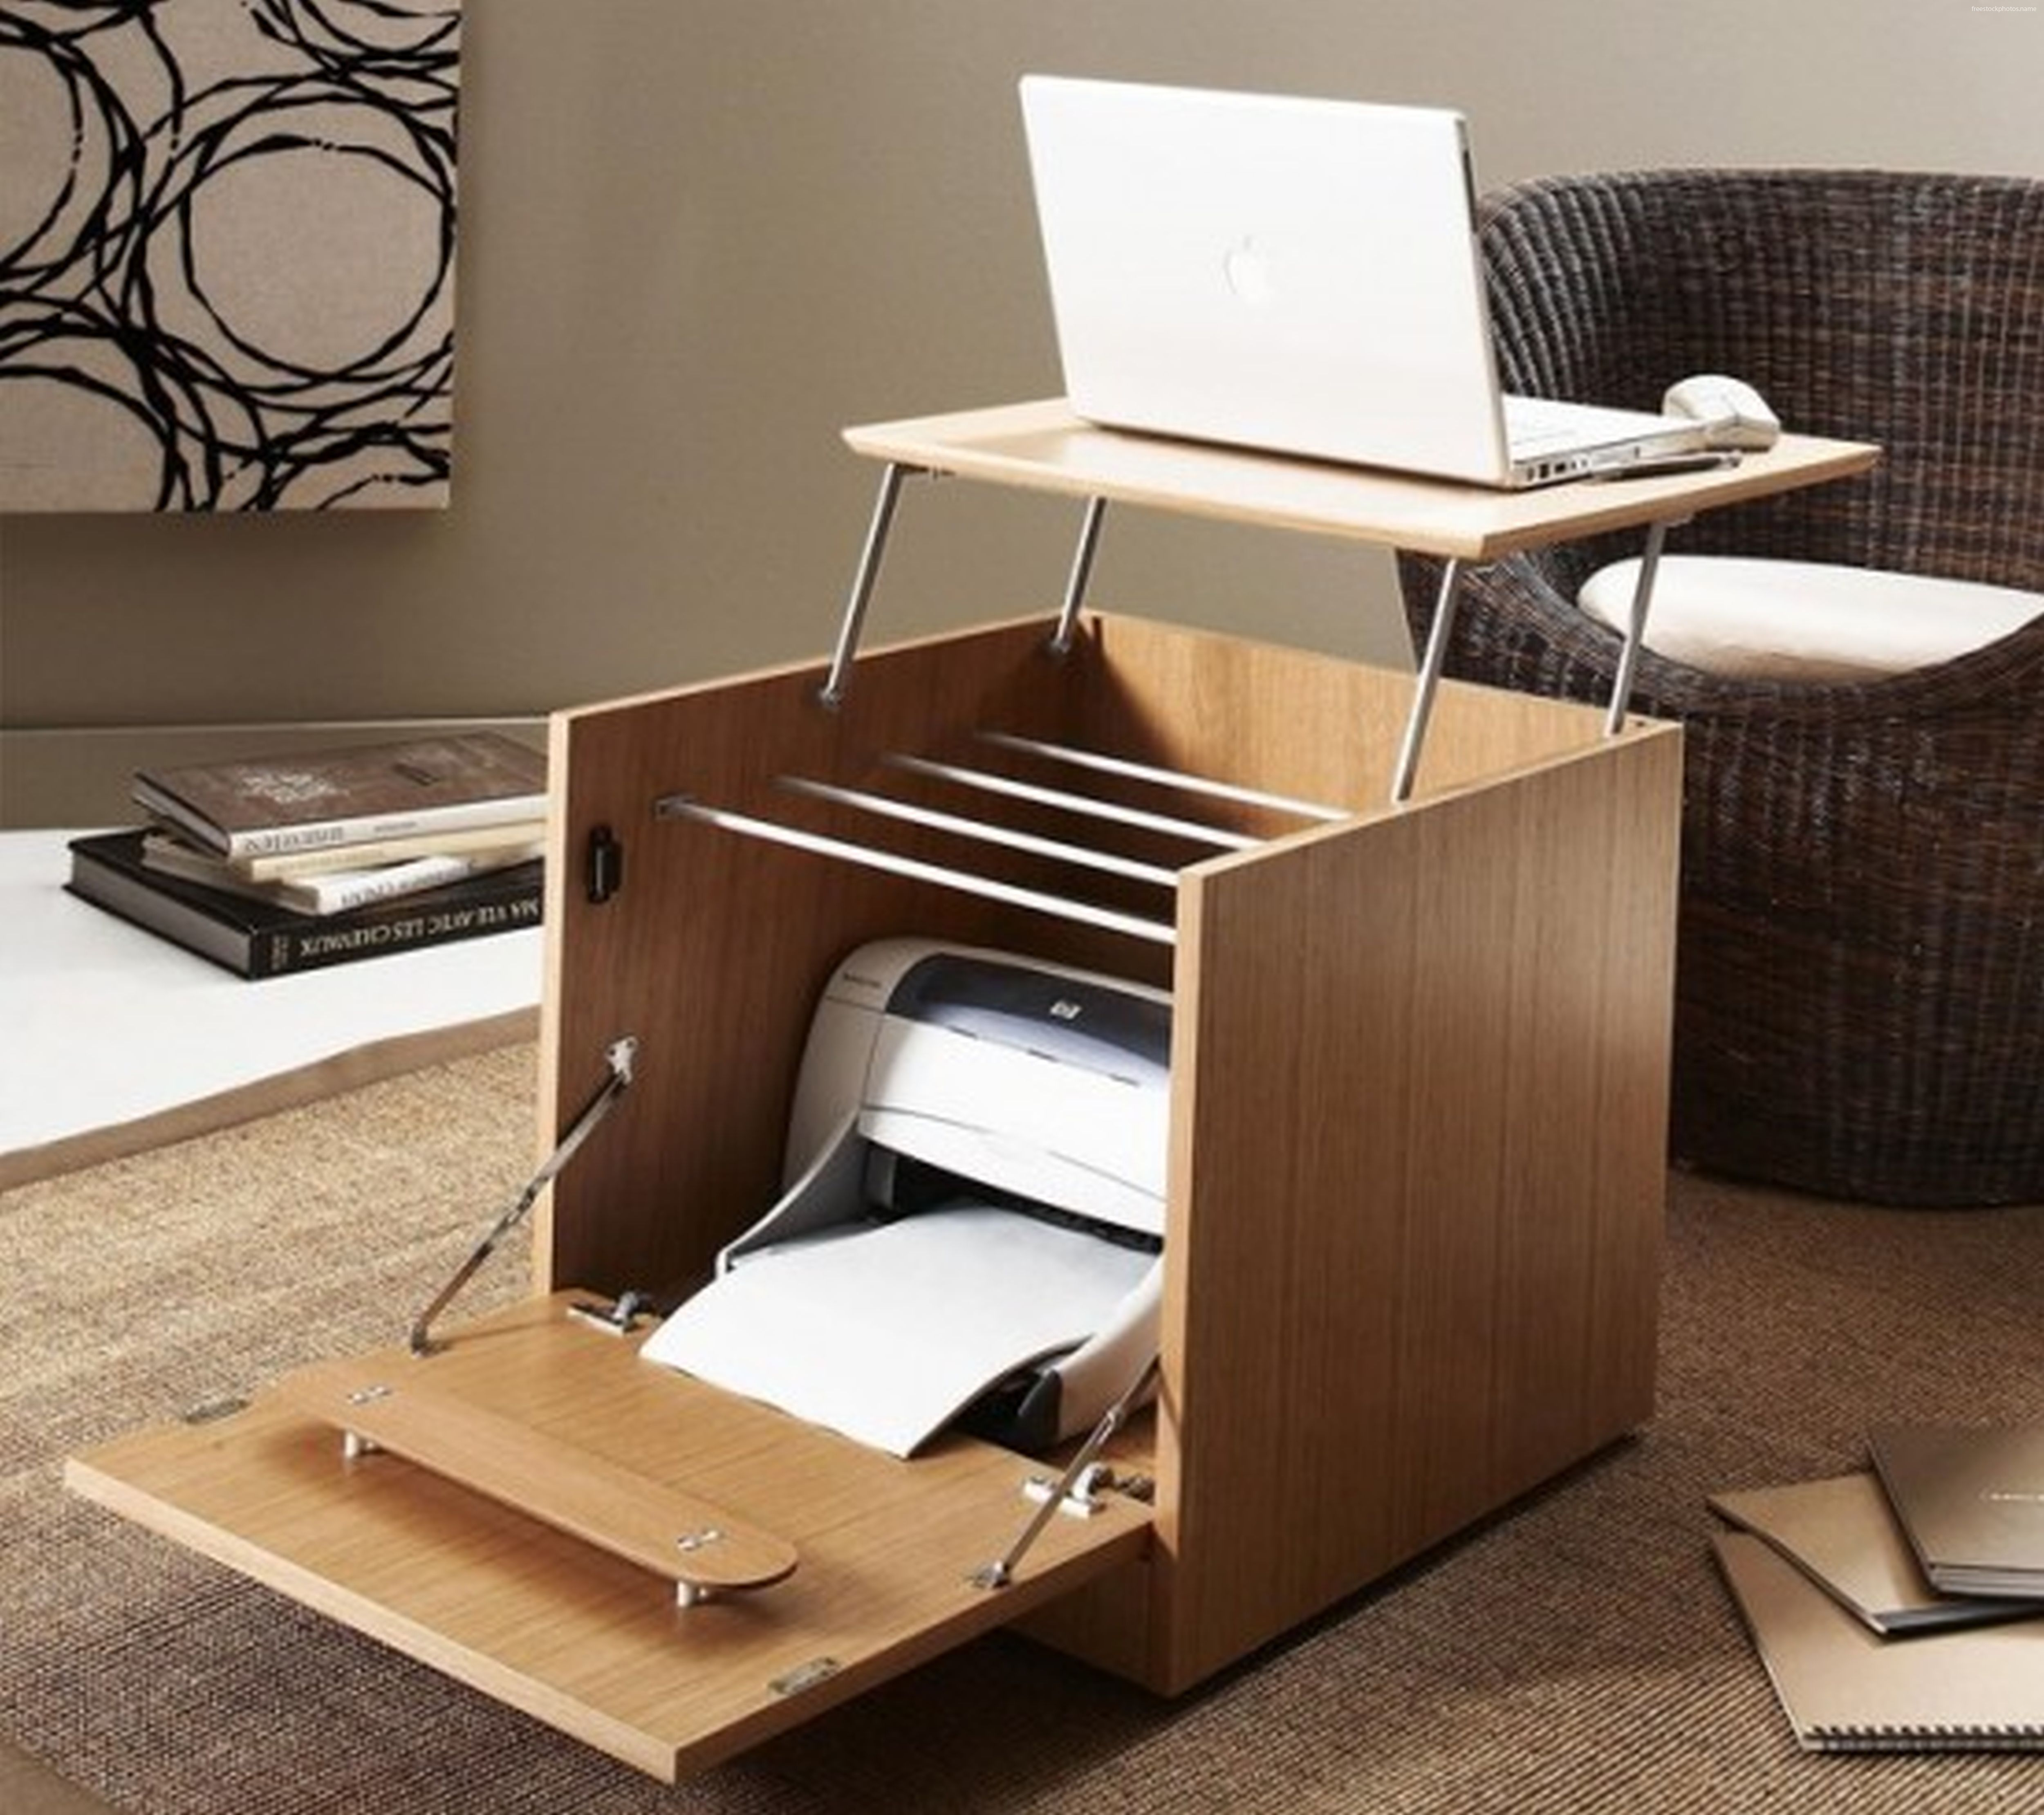 Chaise créative qui se transforme en table d'ordinateur portable